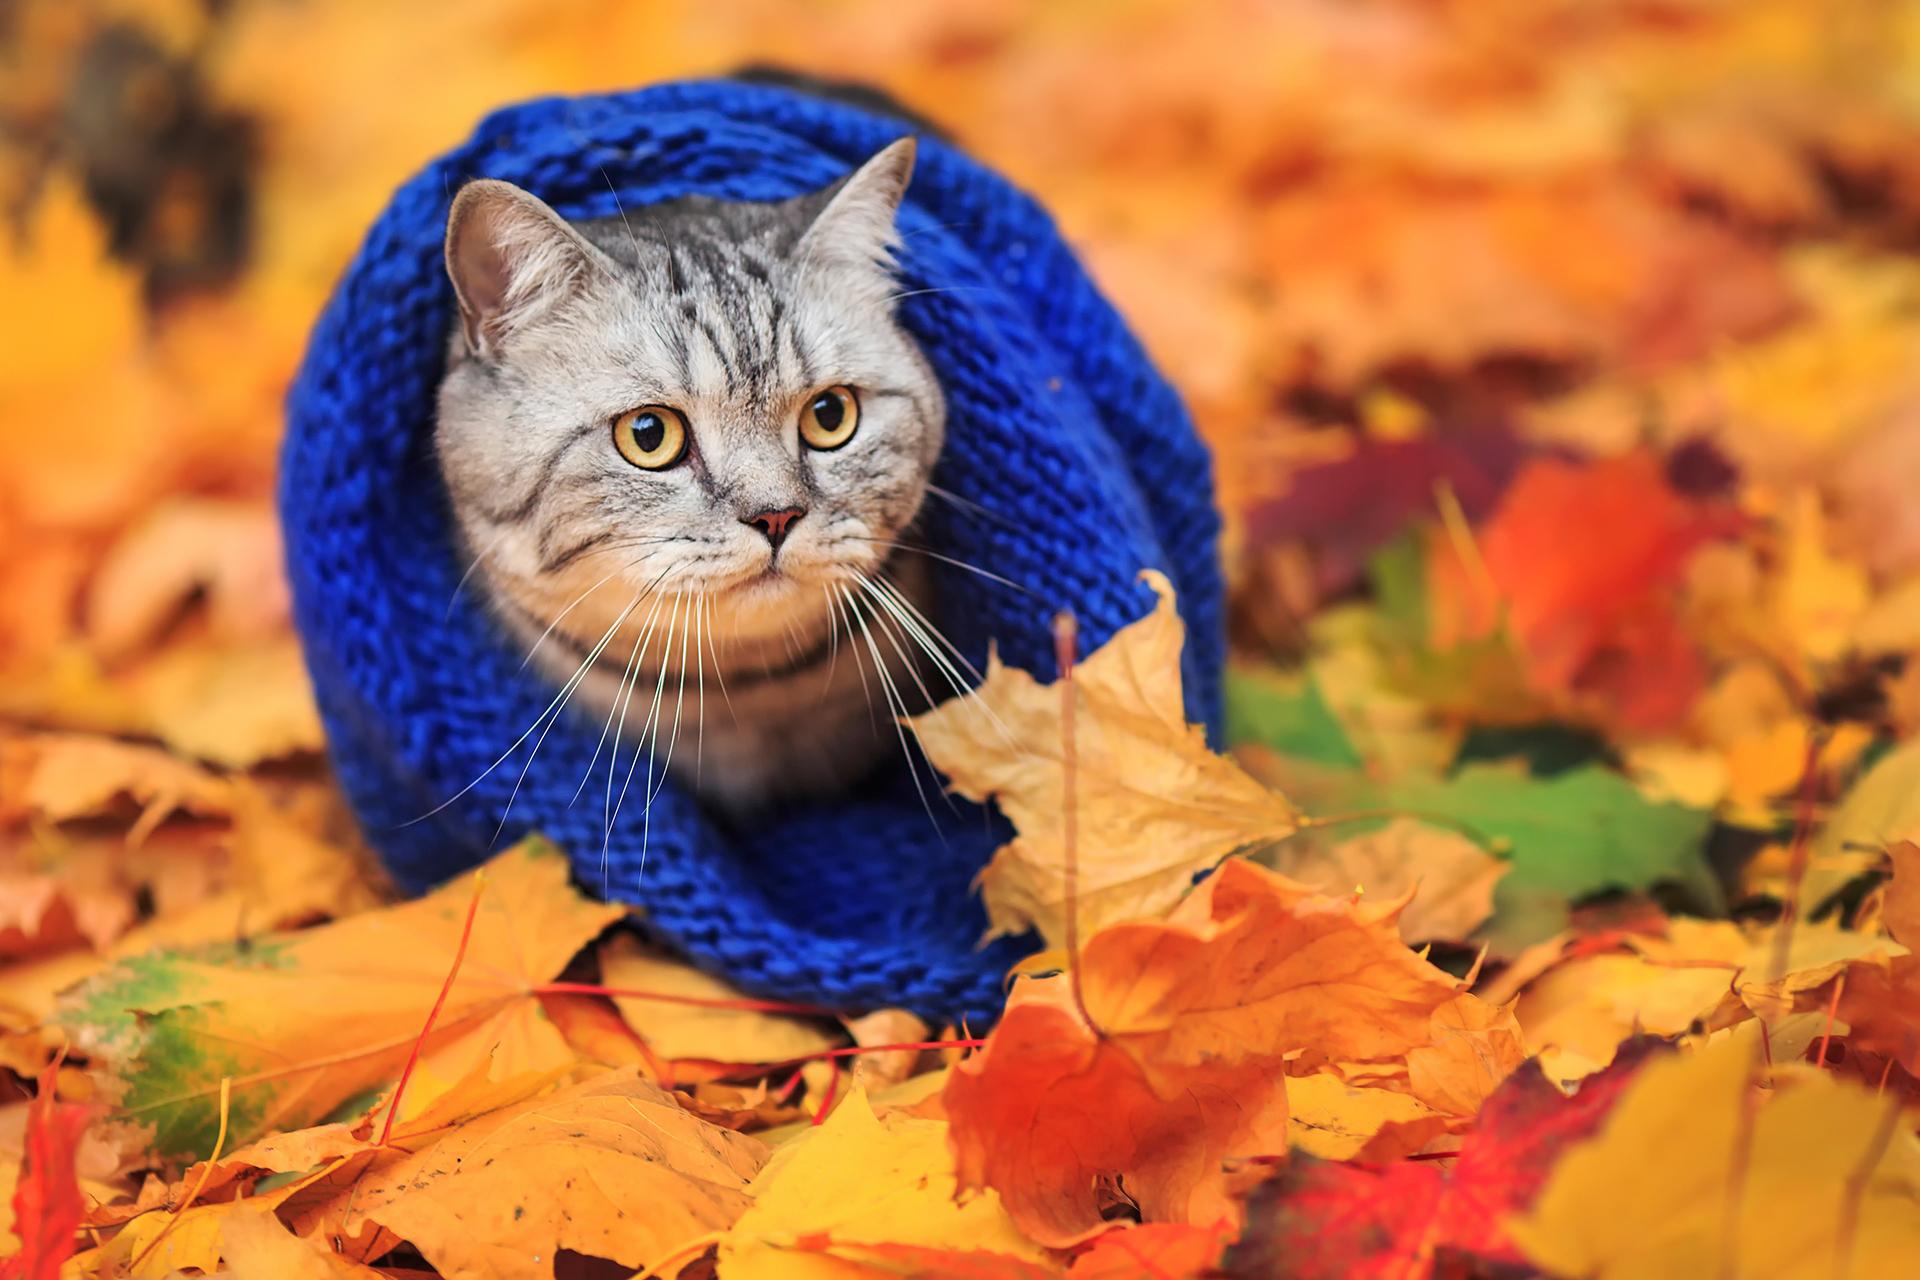 28 жовтня на Київщині відчутно похолоднішає - погода - 28 pogoda3